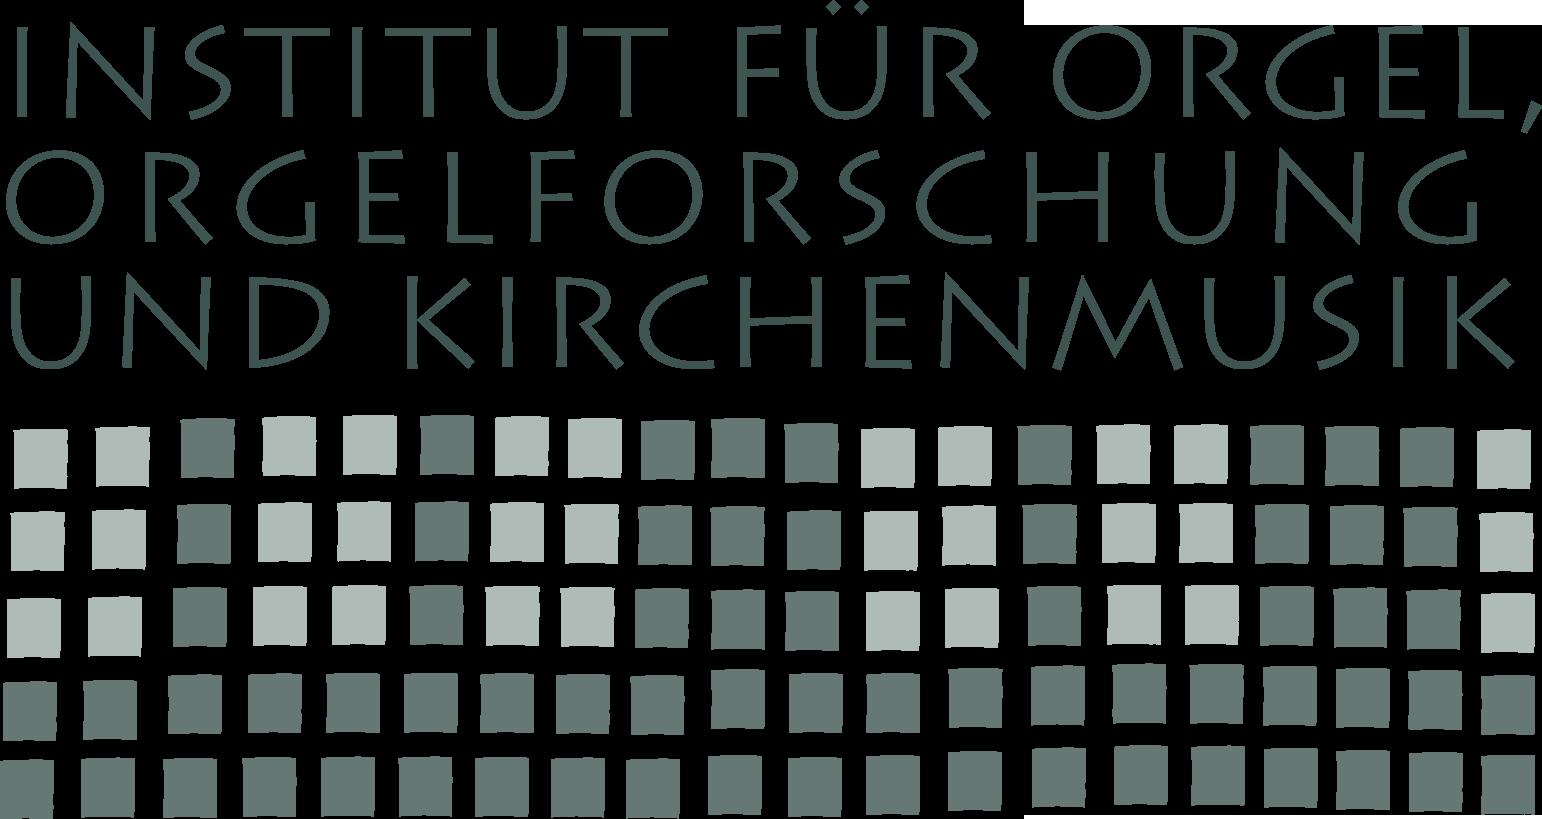 Institut für Orgel, Orgelforschung und Kirchenmusik